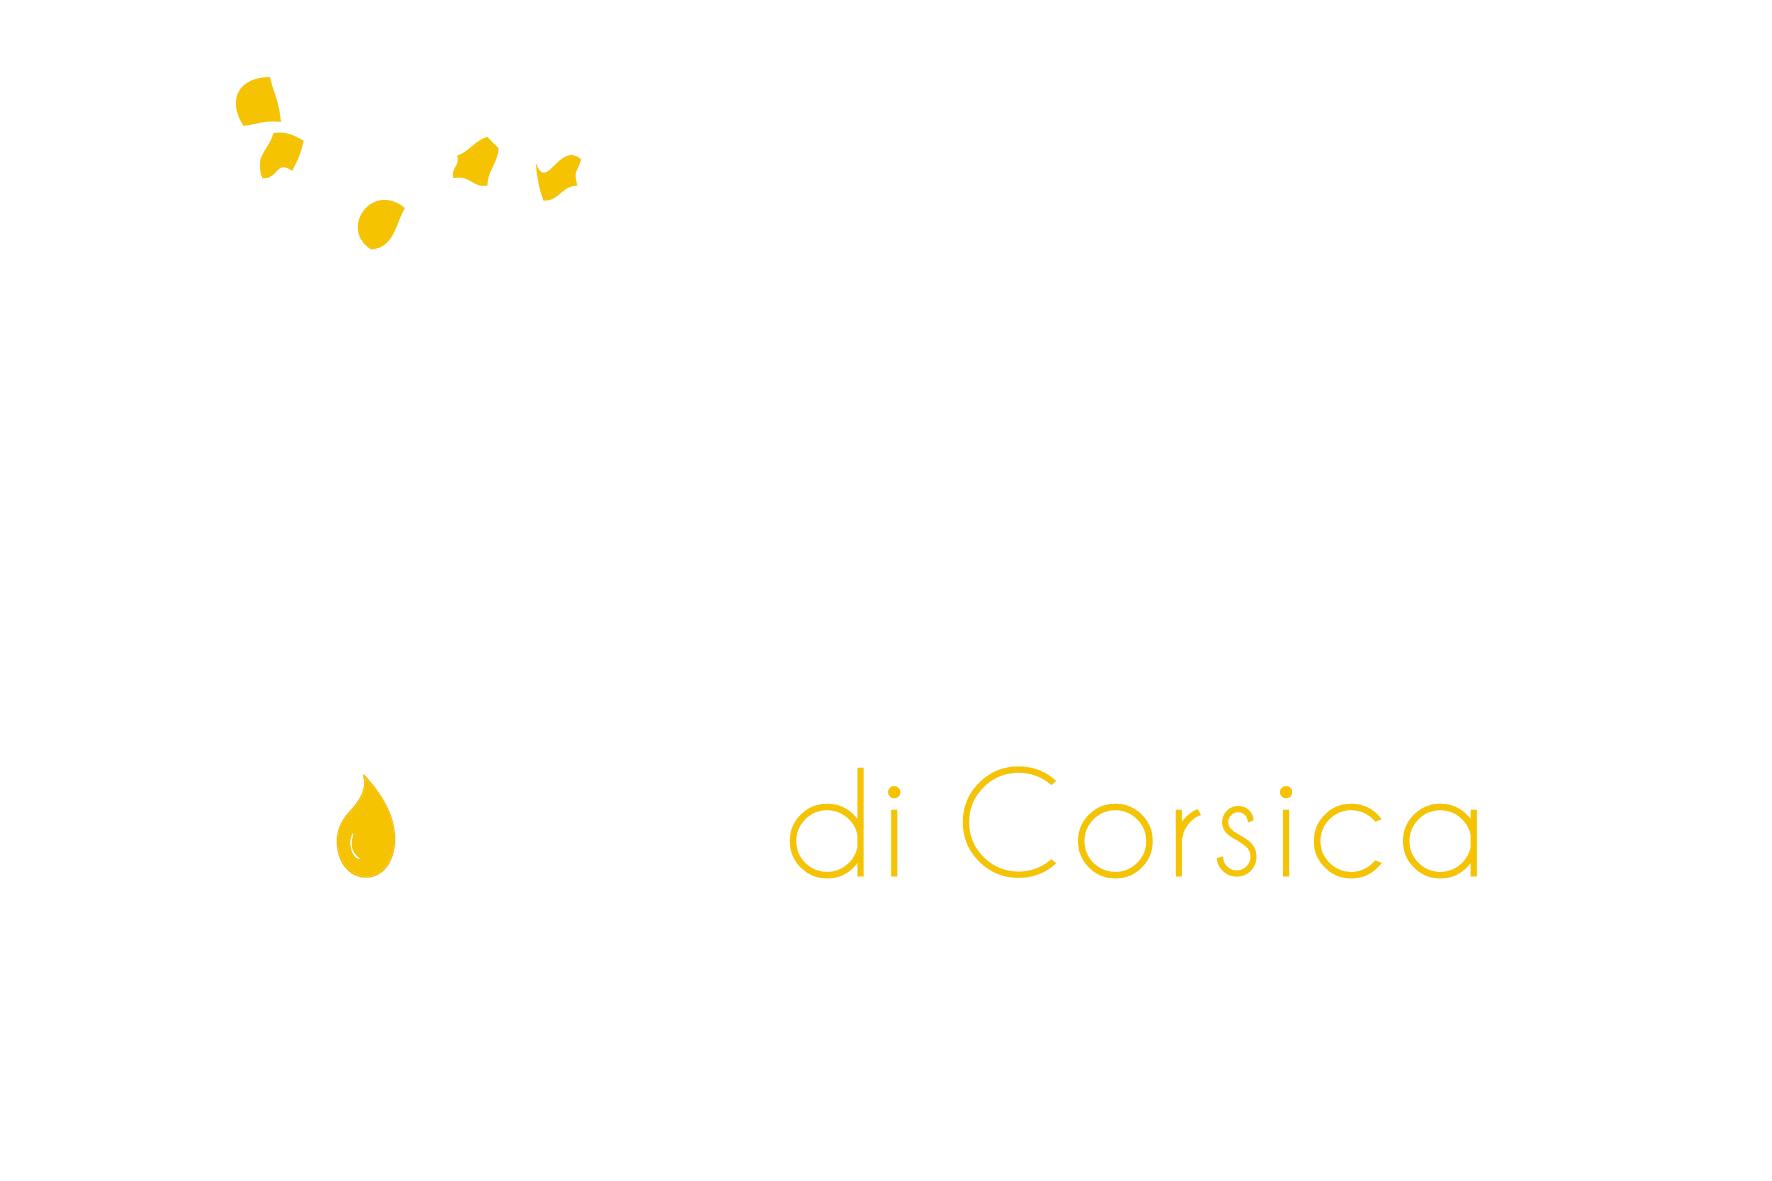 Helios di Corsica